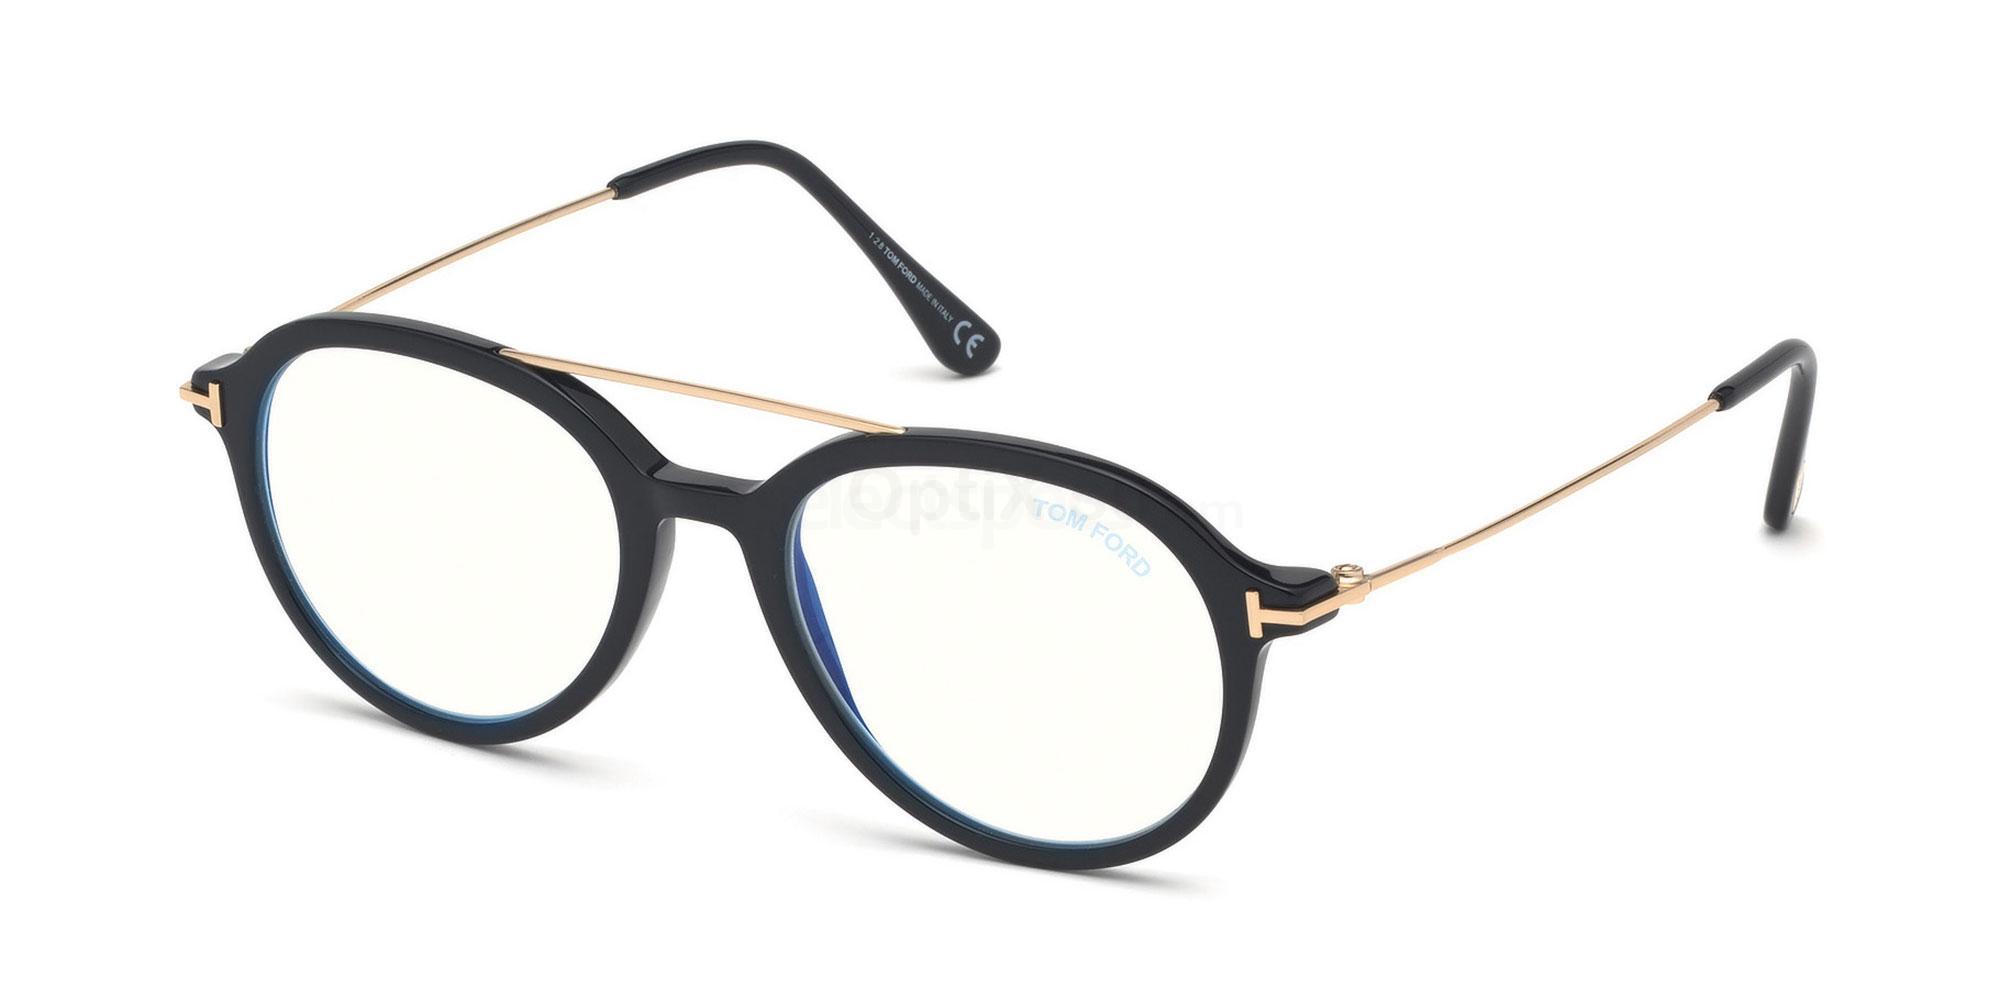 001 FT5609-B Glasses, Tom Ford